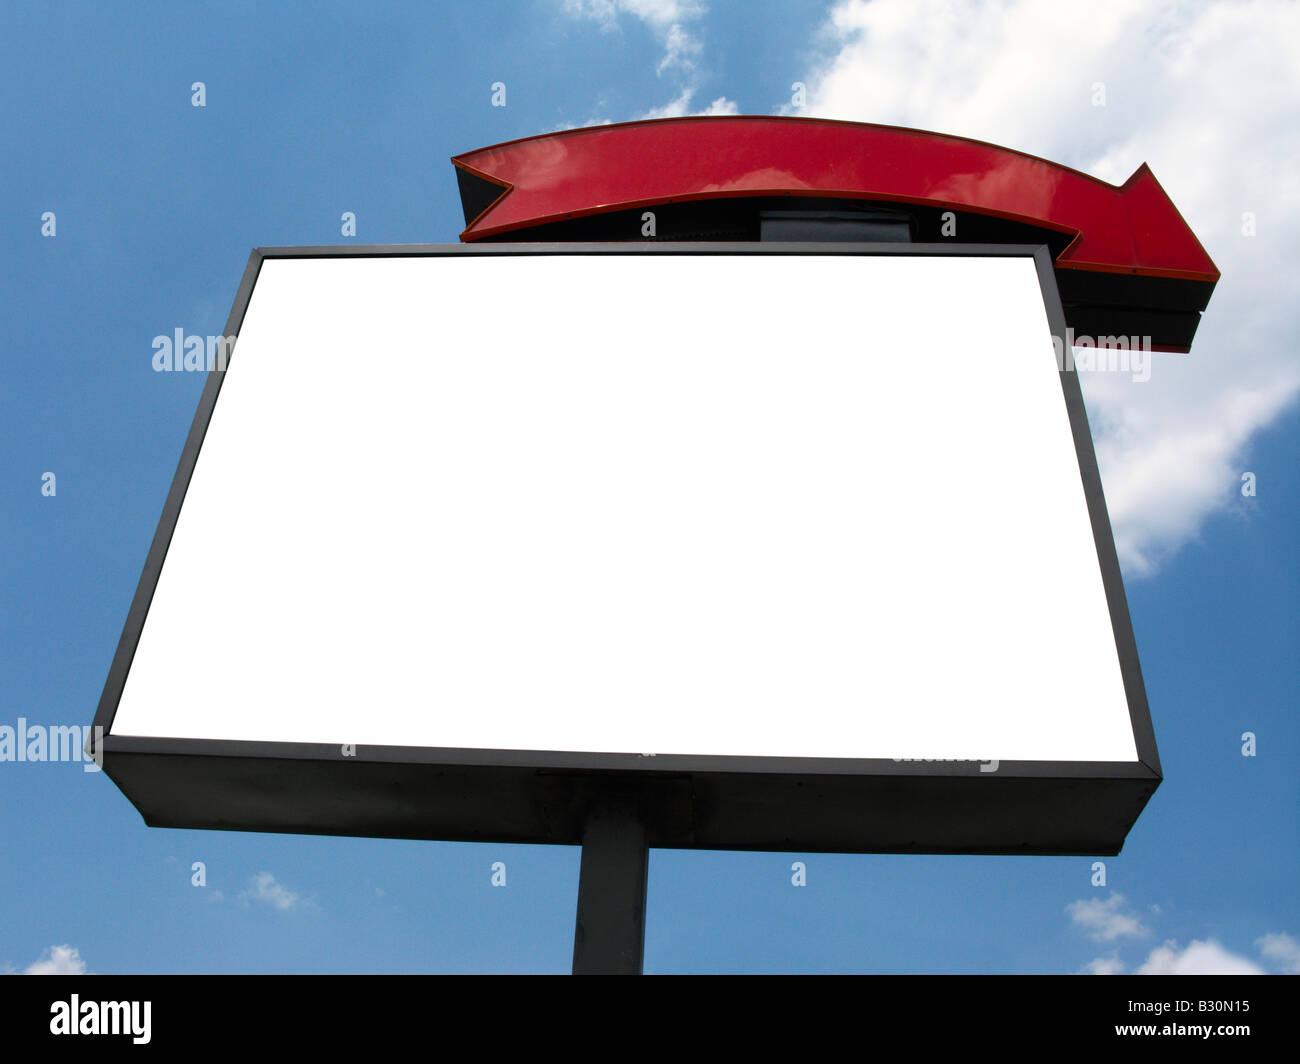 Firmar en blanco anuncio sky Imagen De Stock